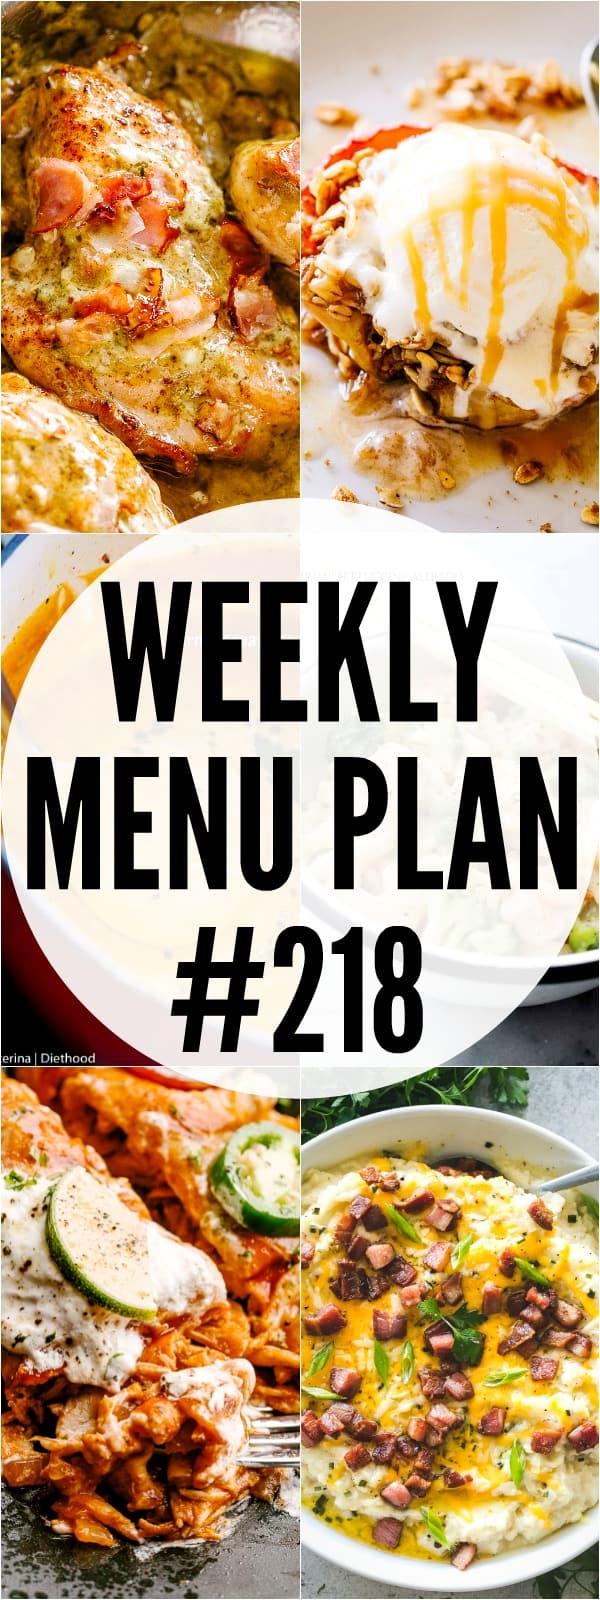 Weekly Menu Plan 218 pin image